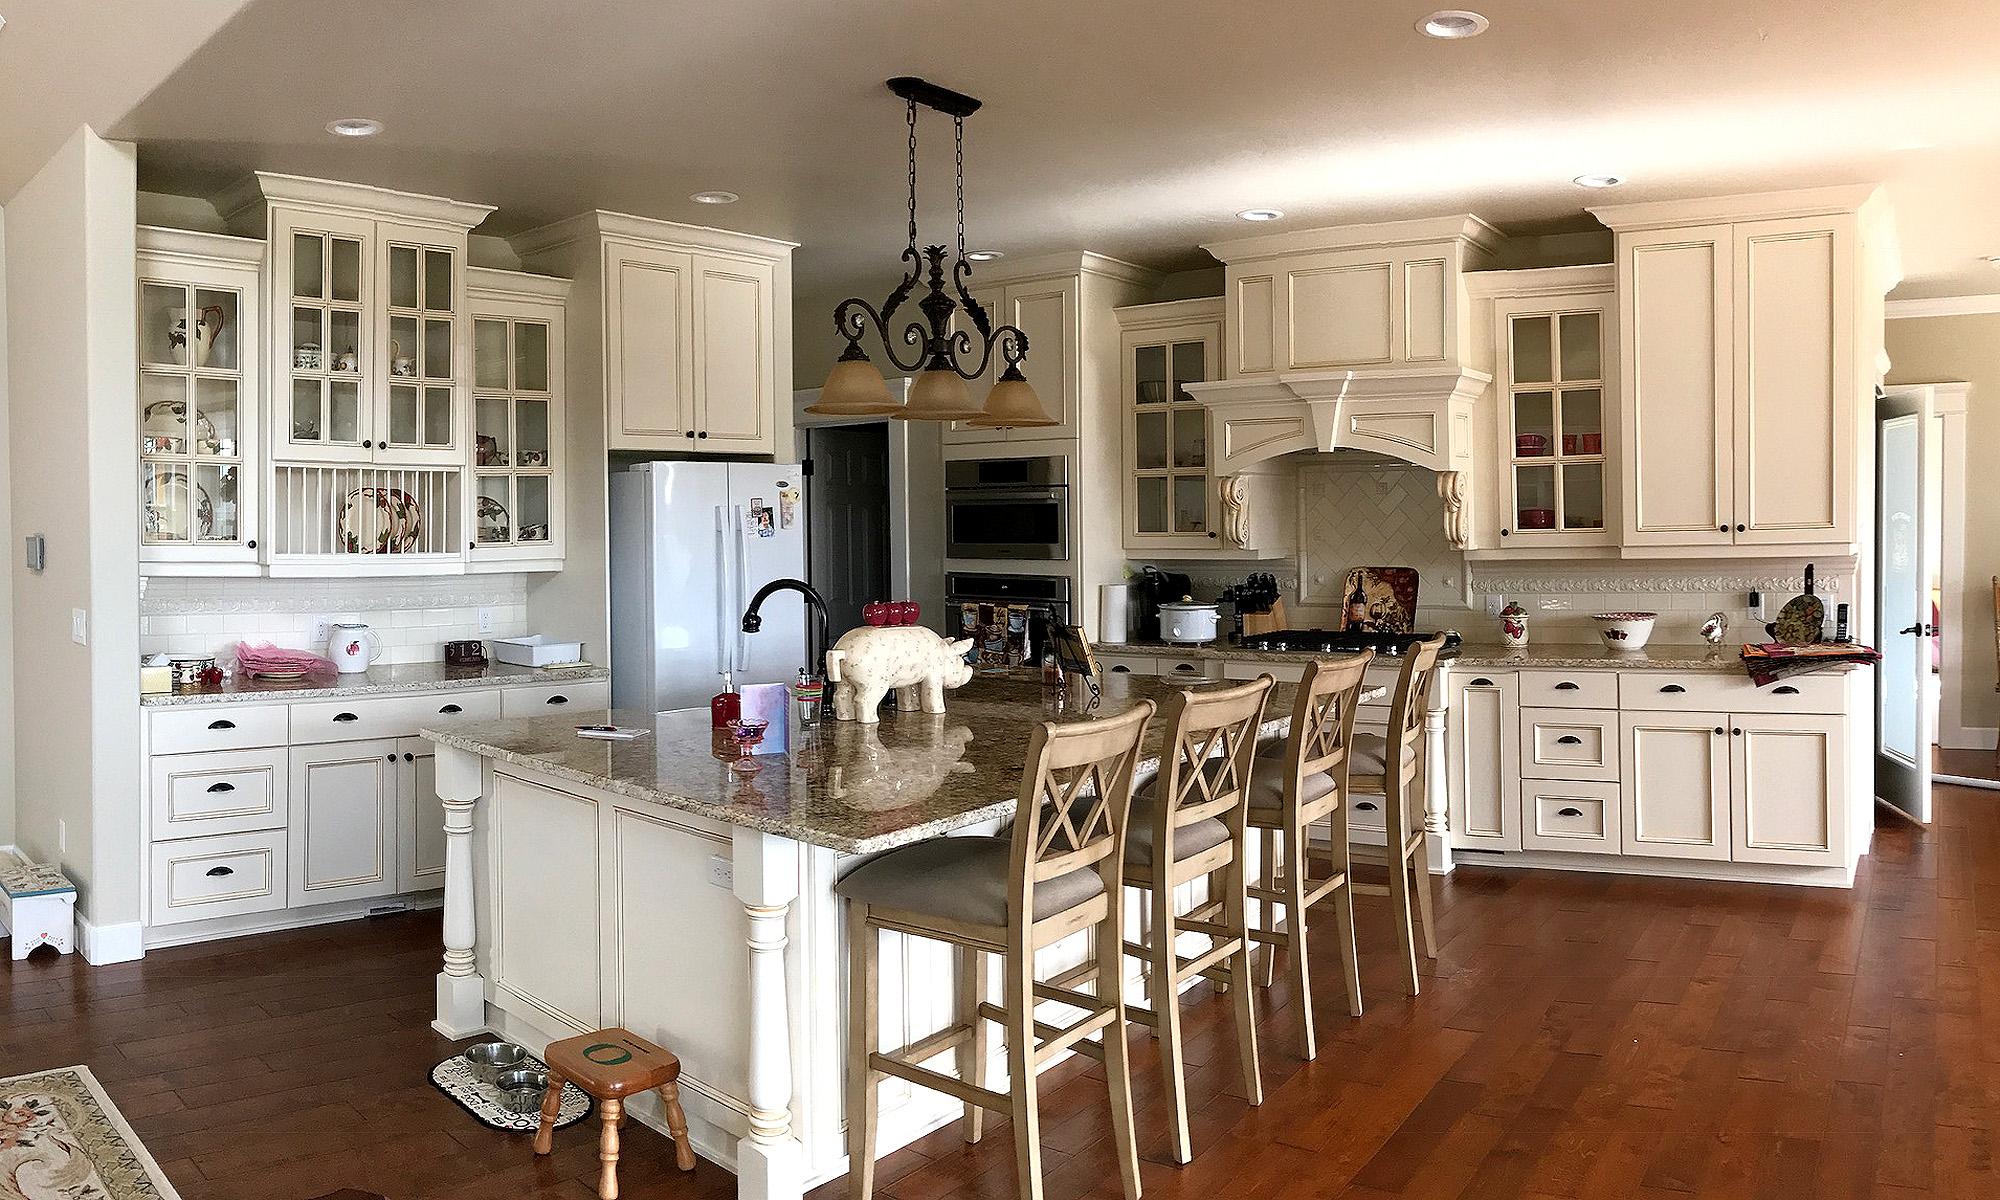 Antique-glazed kitchen